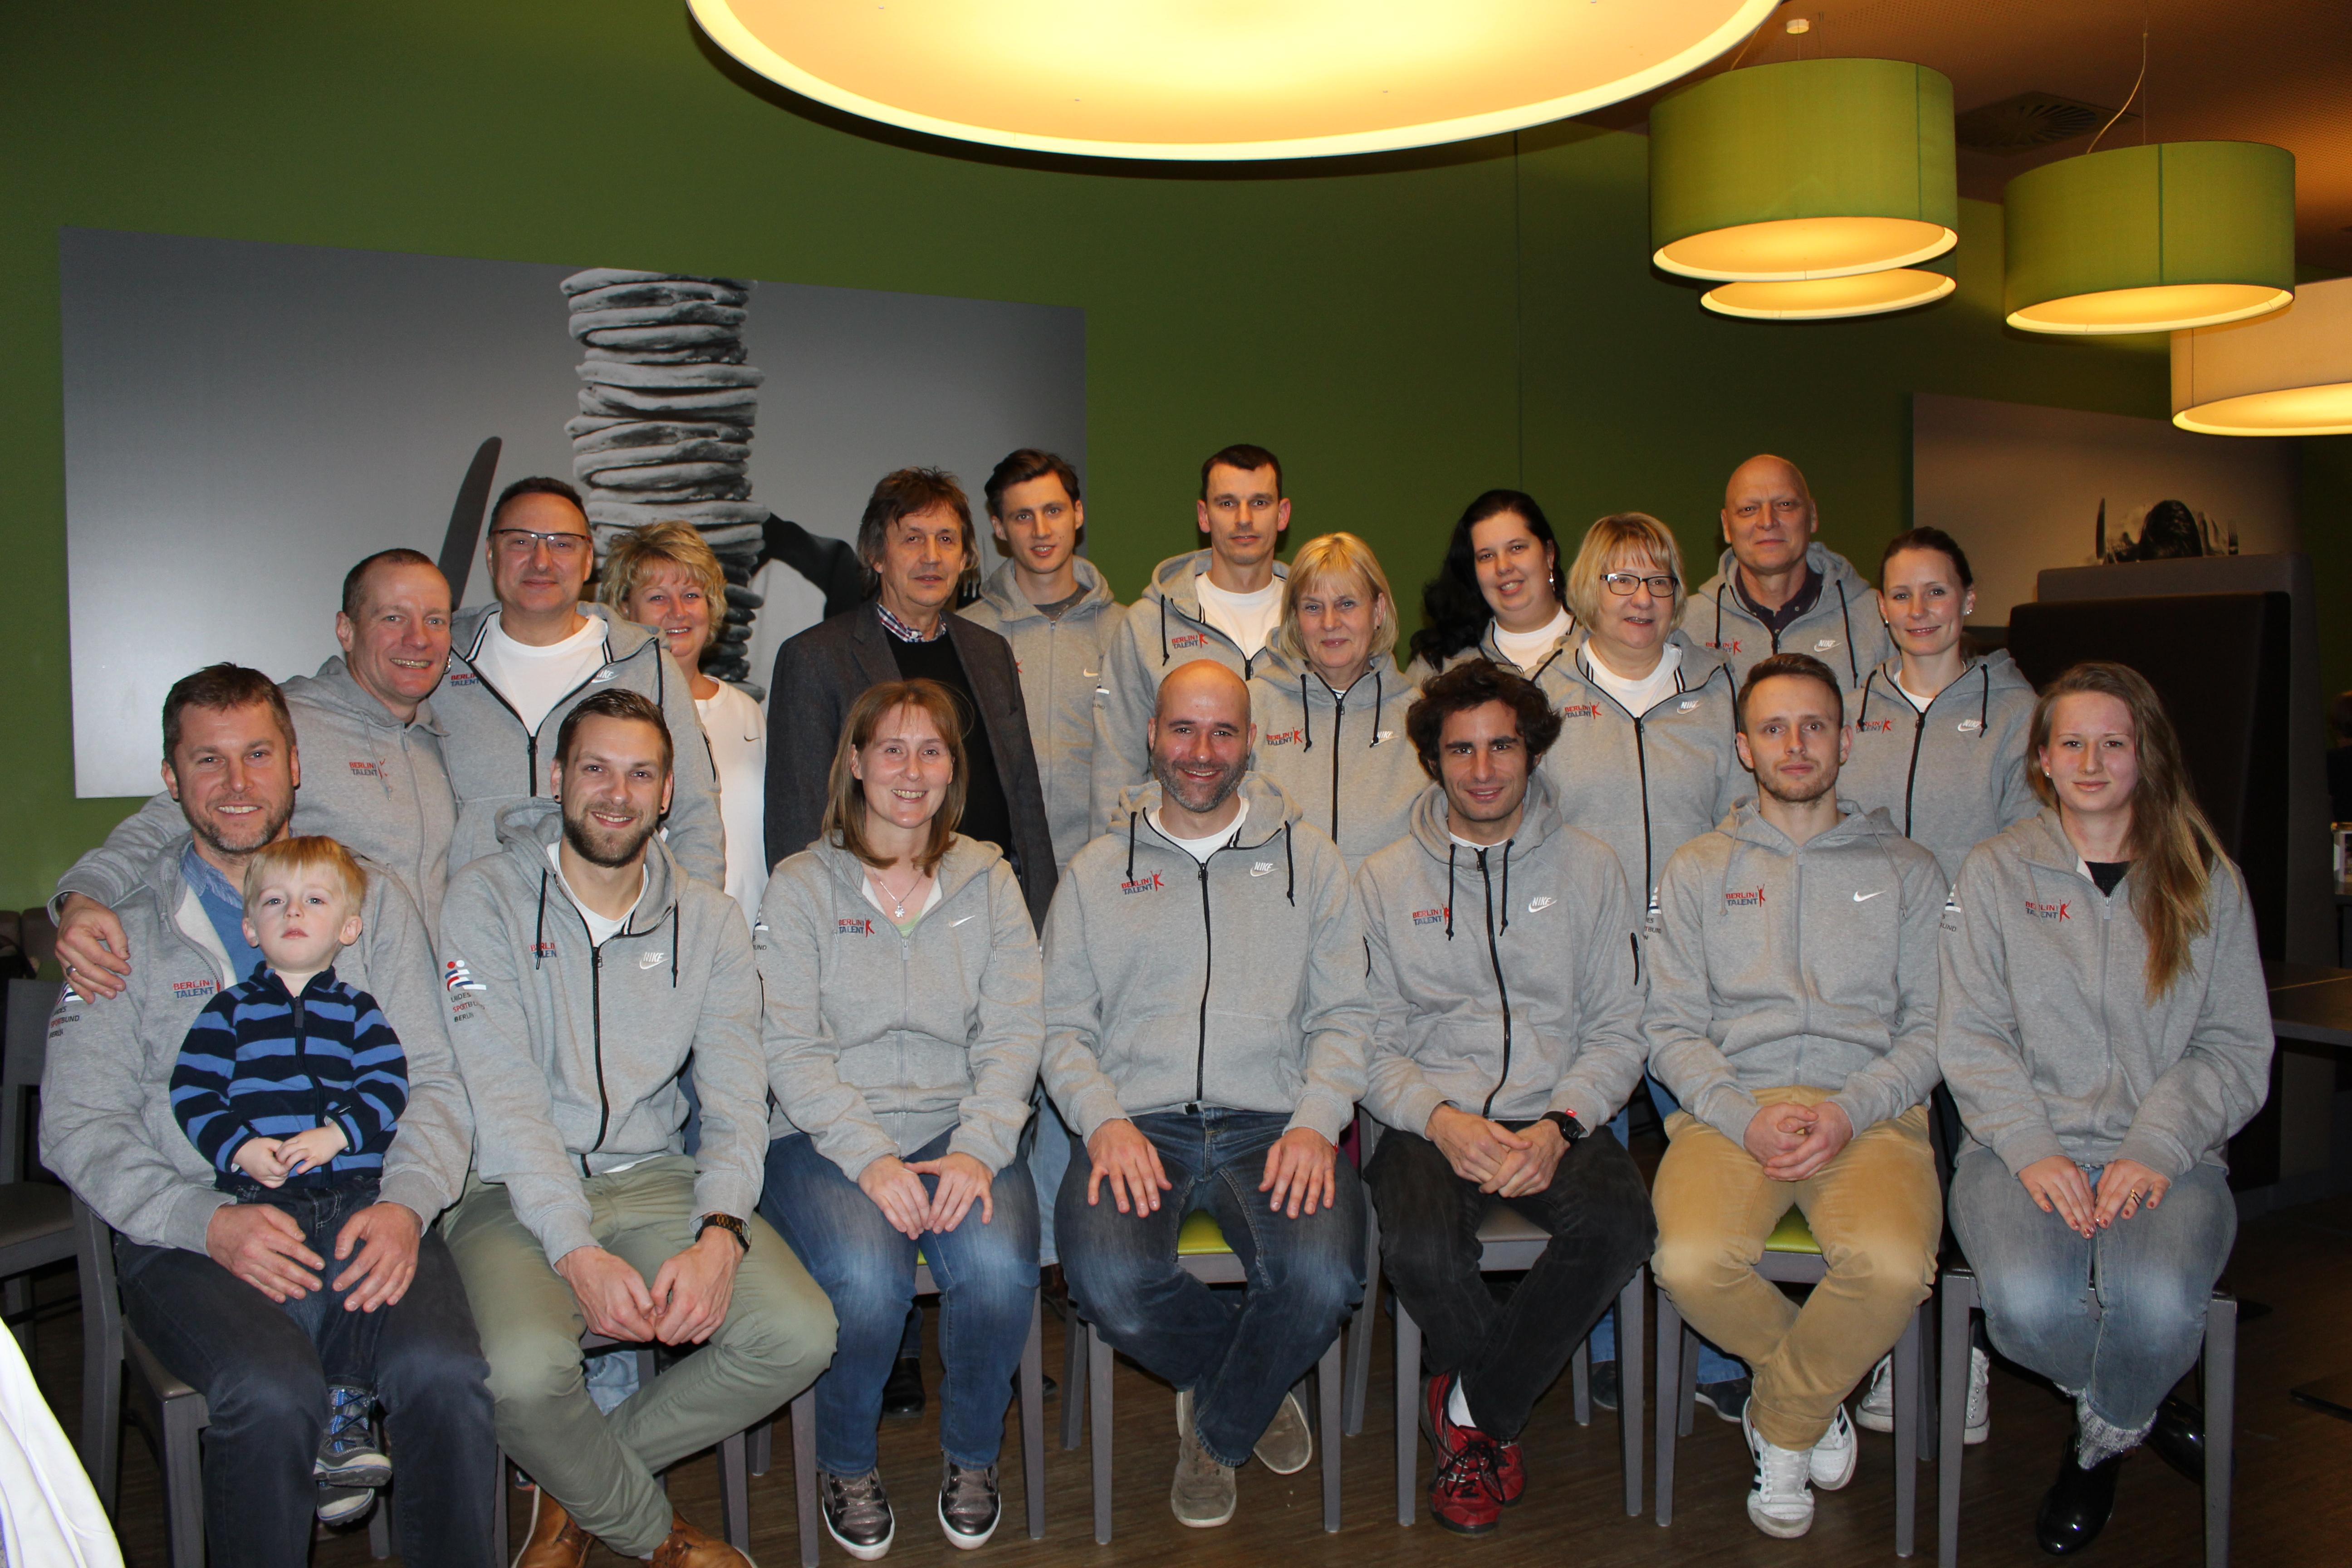 LSB, SenBJW, Berlin hat Talent, Mitarbeiter und Helfer